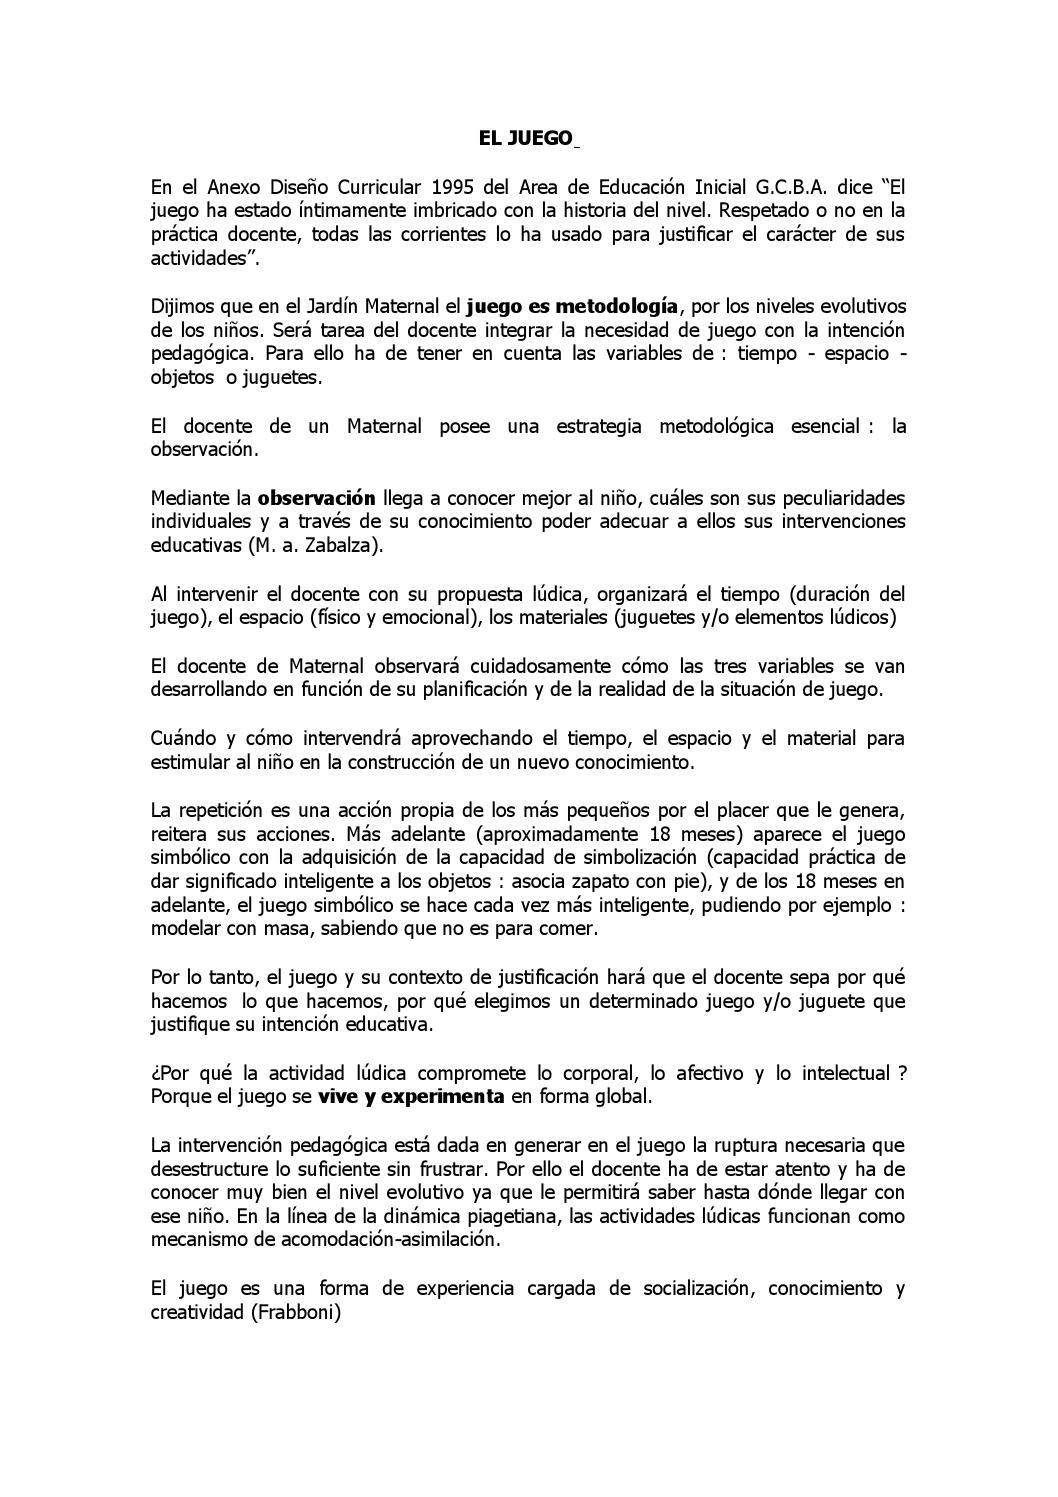 El juego en el jard n maternal by annick issuu for Diseno curricular de jardin maternal